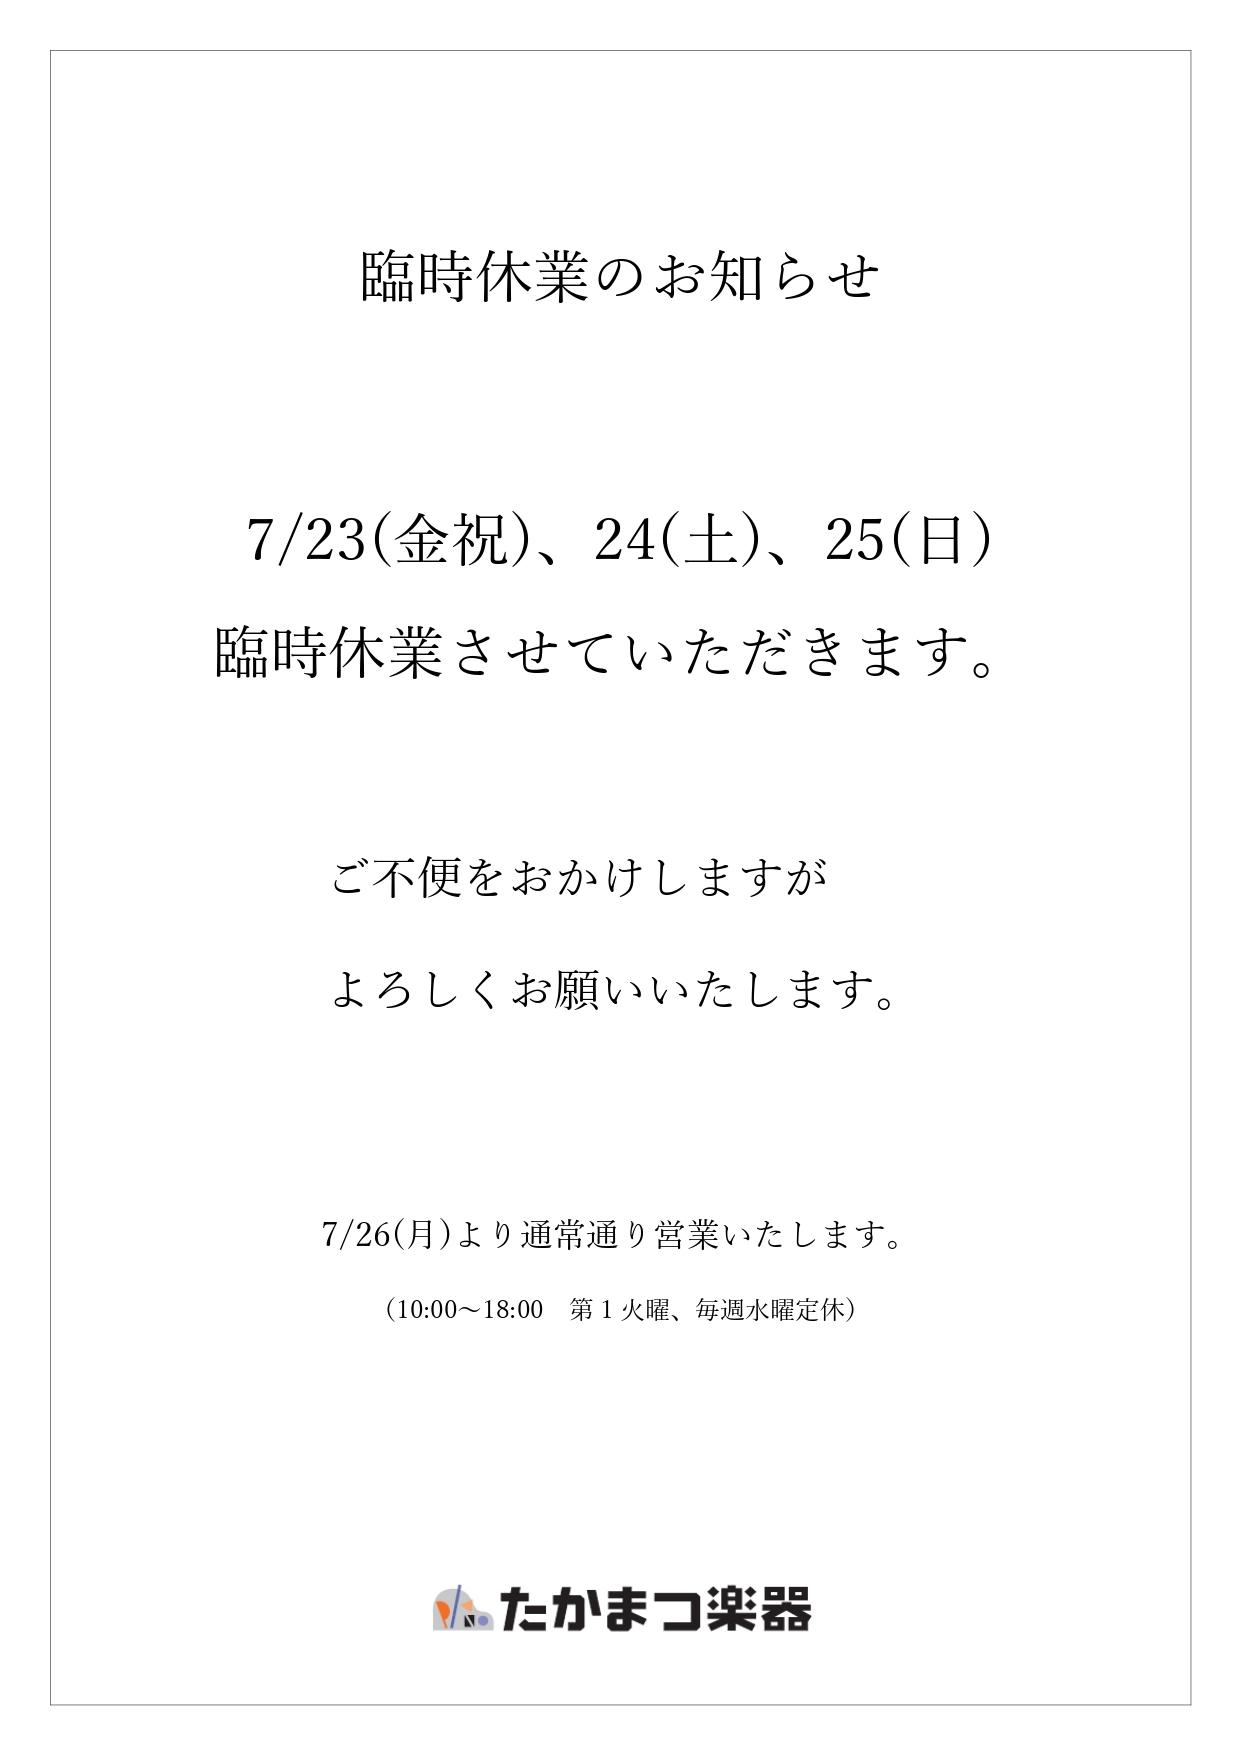 臨時休業のお知らせ(7/23-25)_c0150287_20171421.jpg